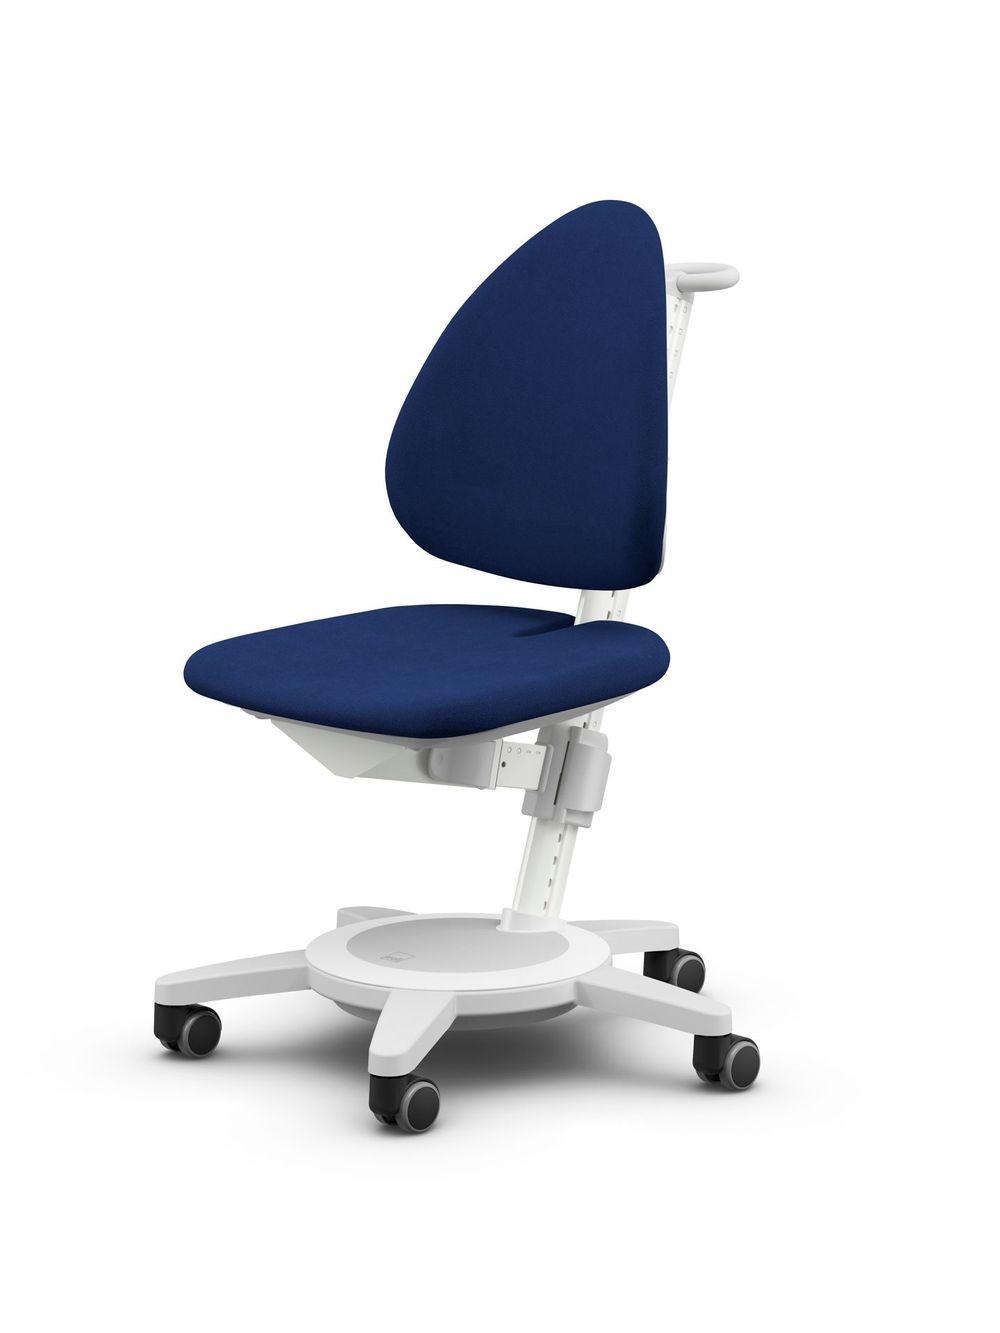 Sedia ergonomica Maximo Moll